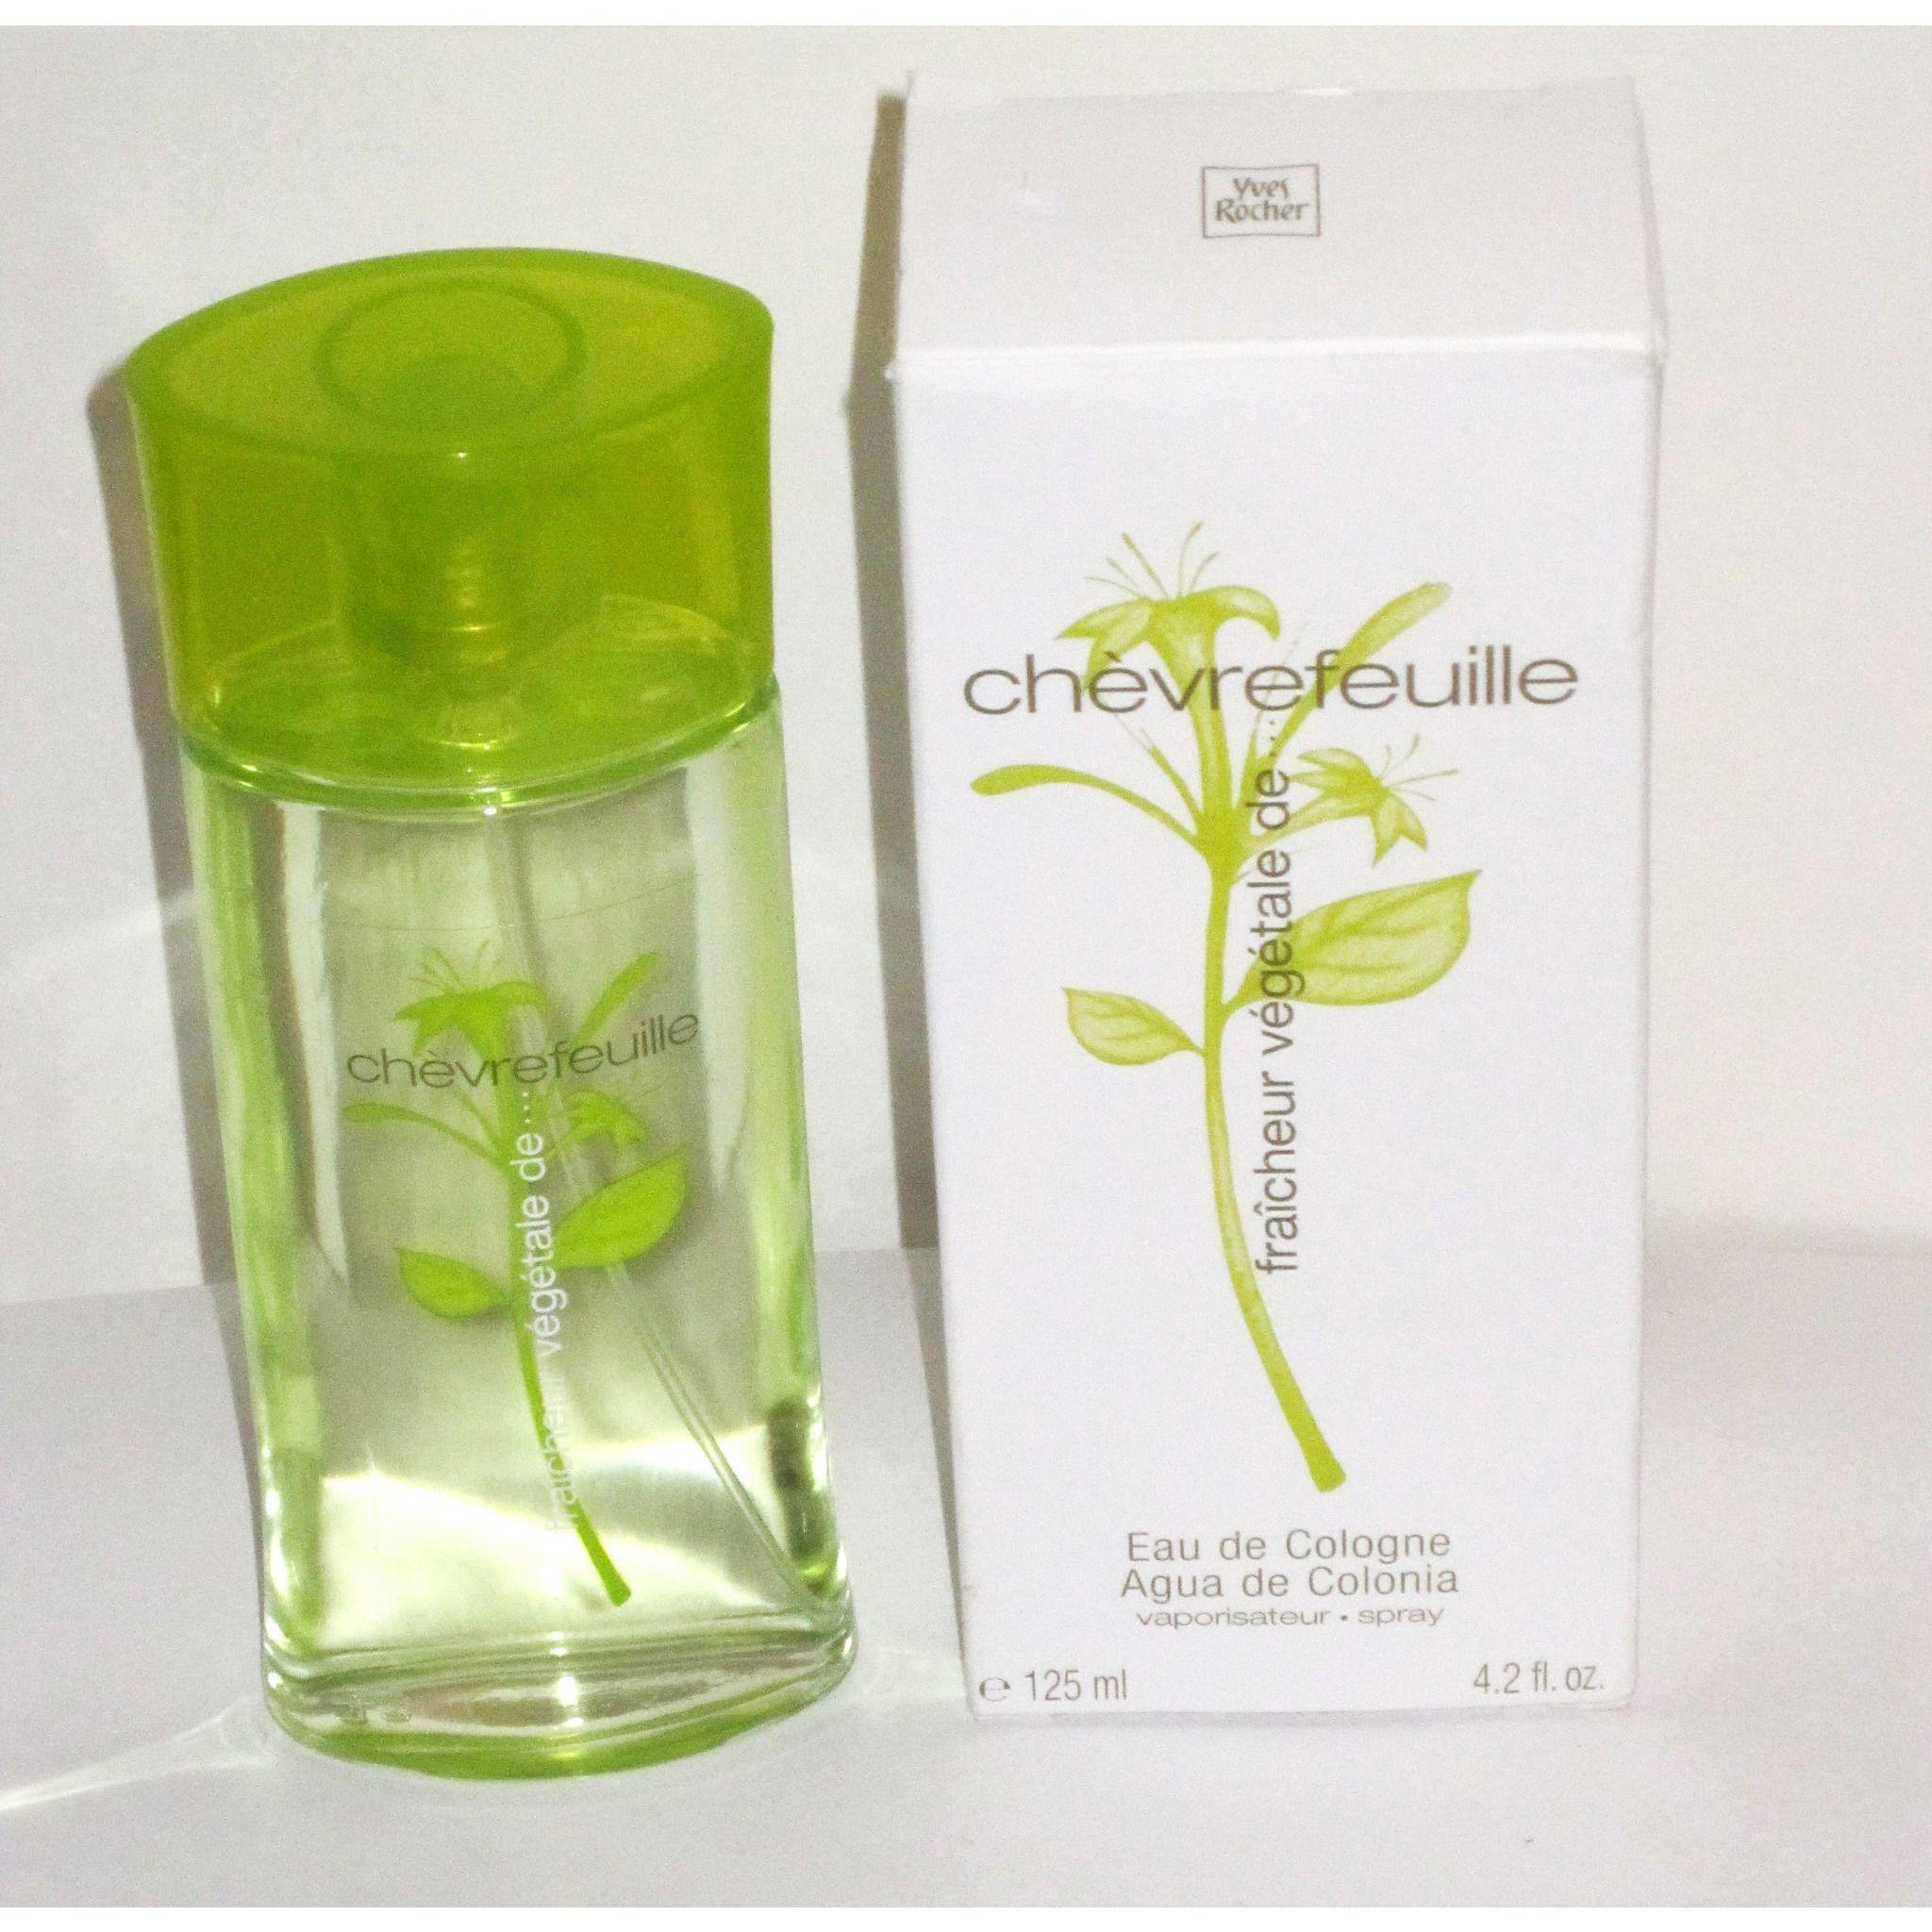 Chevrefeuille Eau De Cologne By Yves Rocher Vintage Perfumes